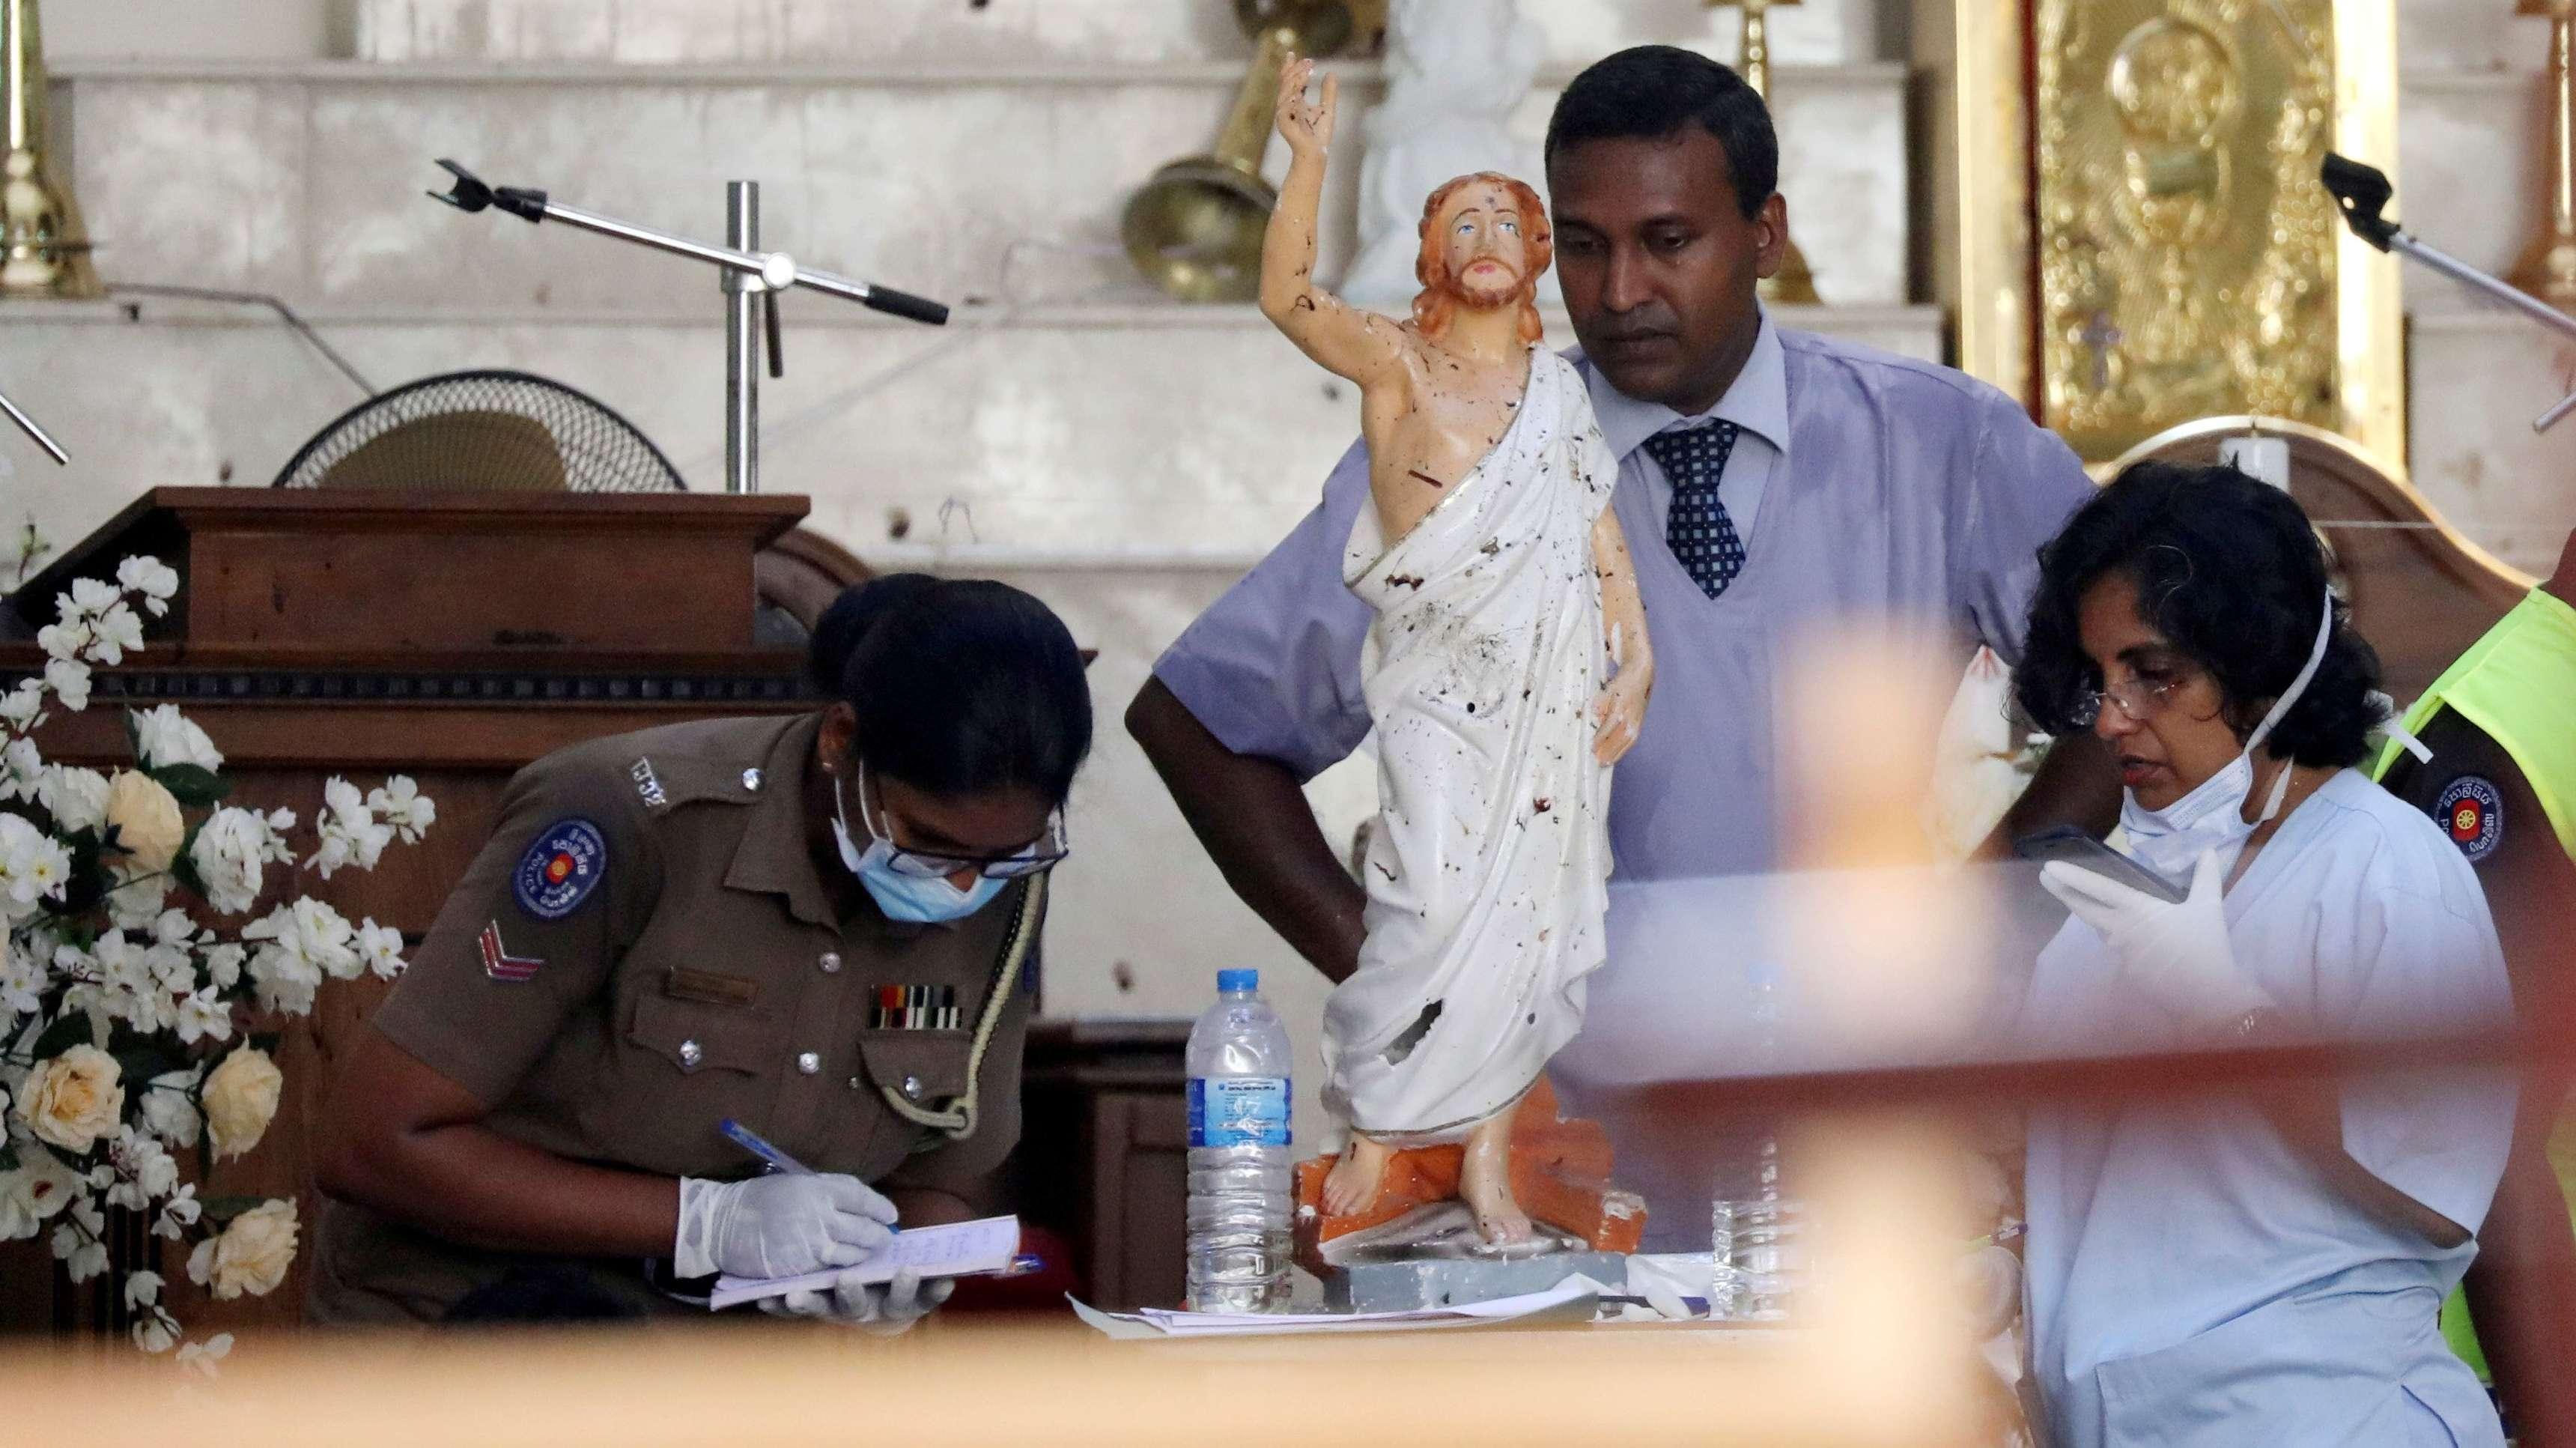 Polizisten stehen neben einer Jesus-Statue in der verwüsteten St. Sebastians-Kirche in Negombo